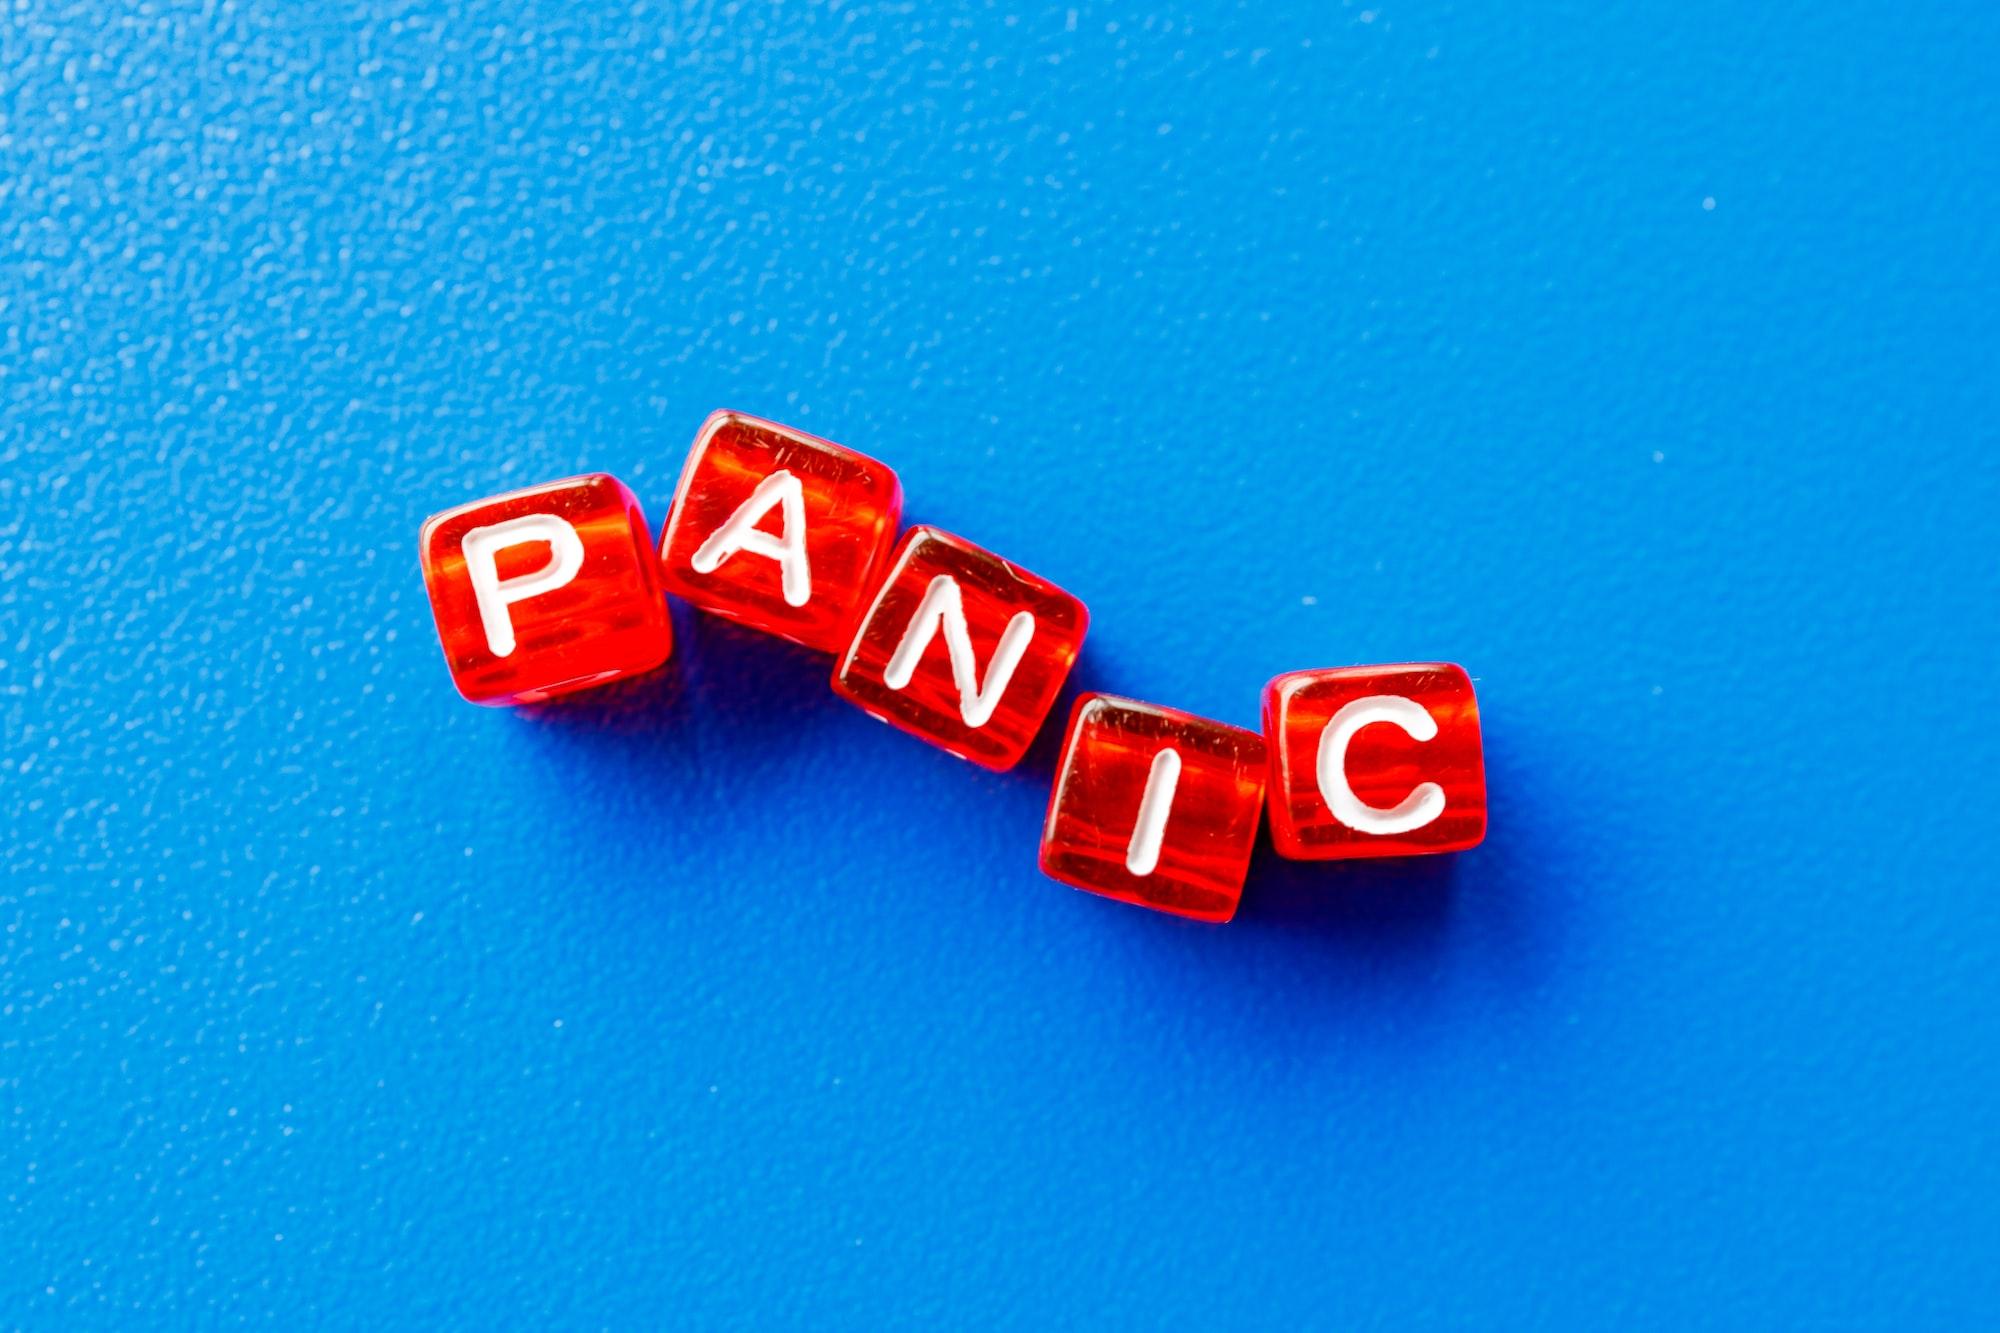 Policy Panic